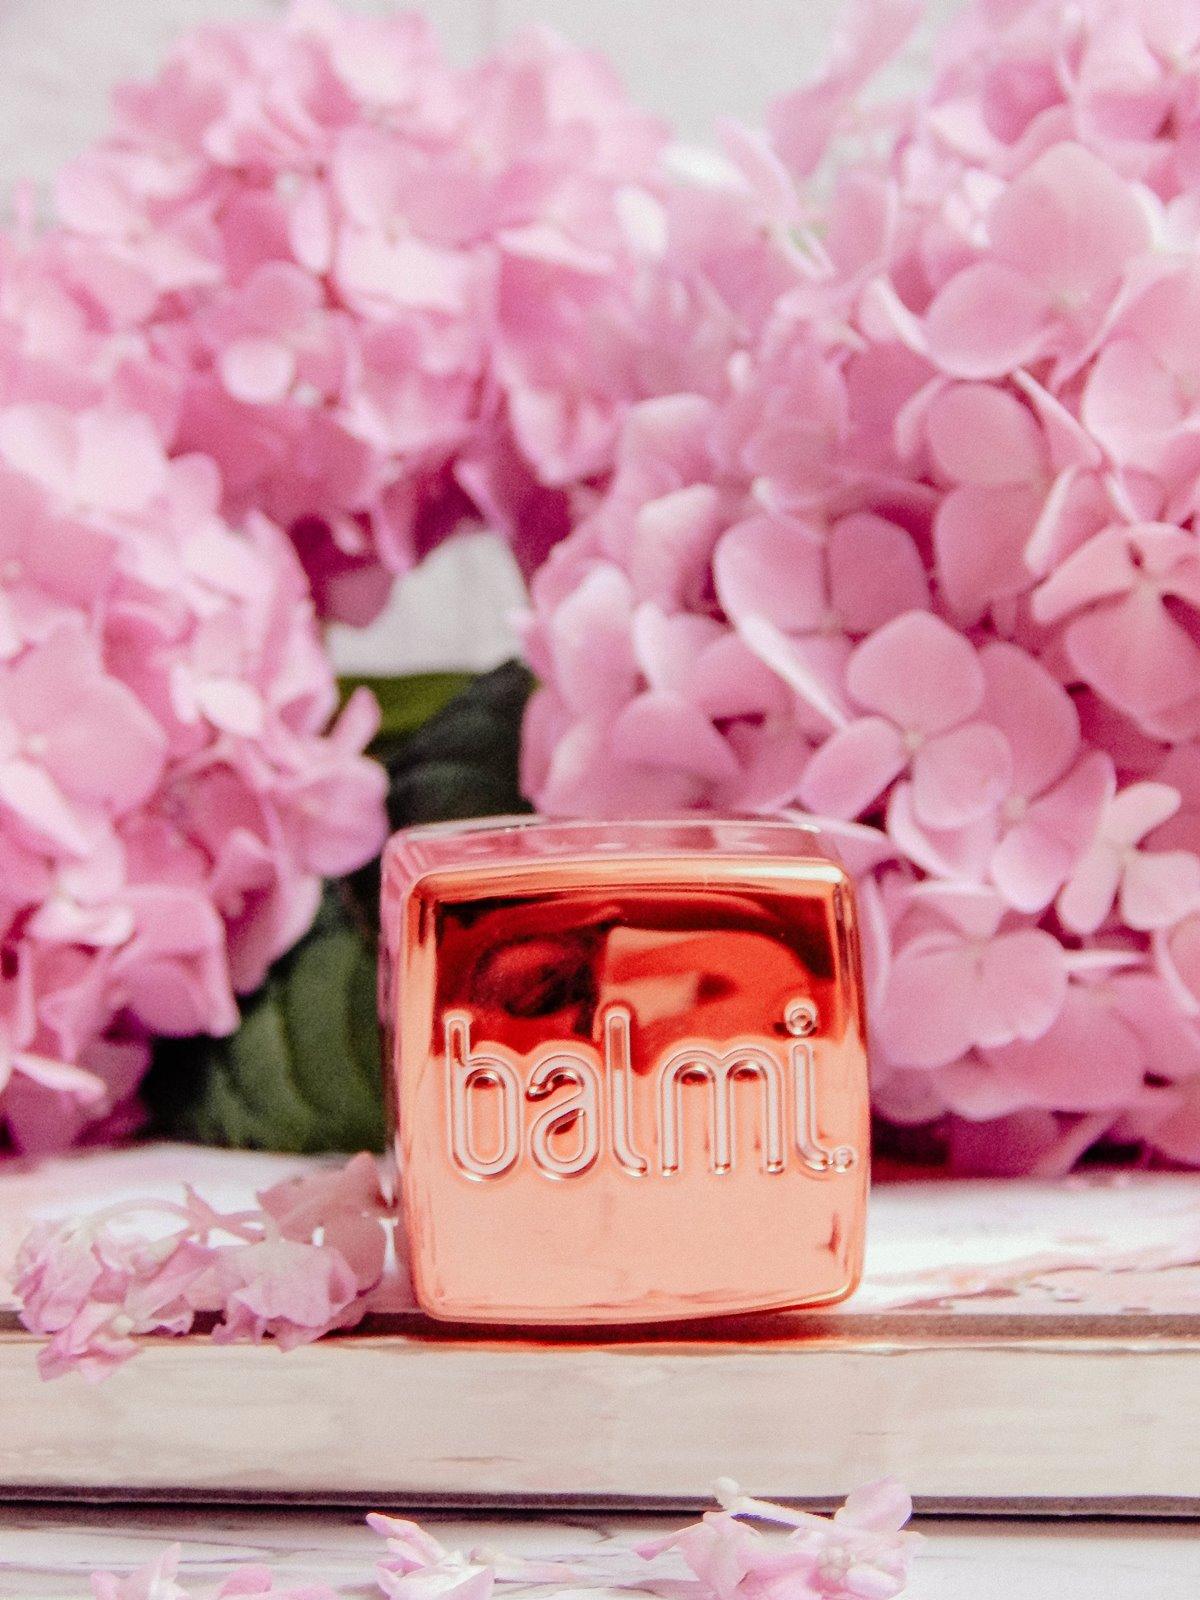 1b recenzja nowości kosmetyczne trico botanica szampon odzywka opinie recenzja pink marshmallow i love balmi recenzja nutka balsam do higieny intymnej okłady maska na oczy rozgrzewająca balsam strawberries and cream seba med